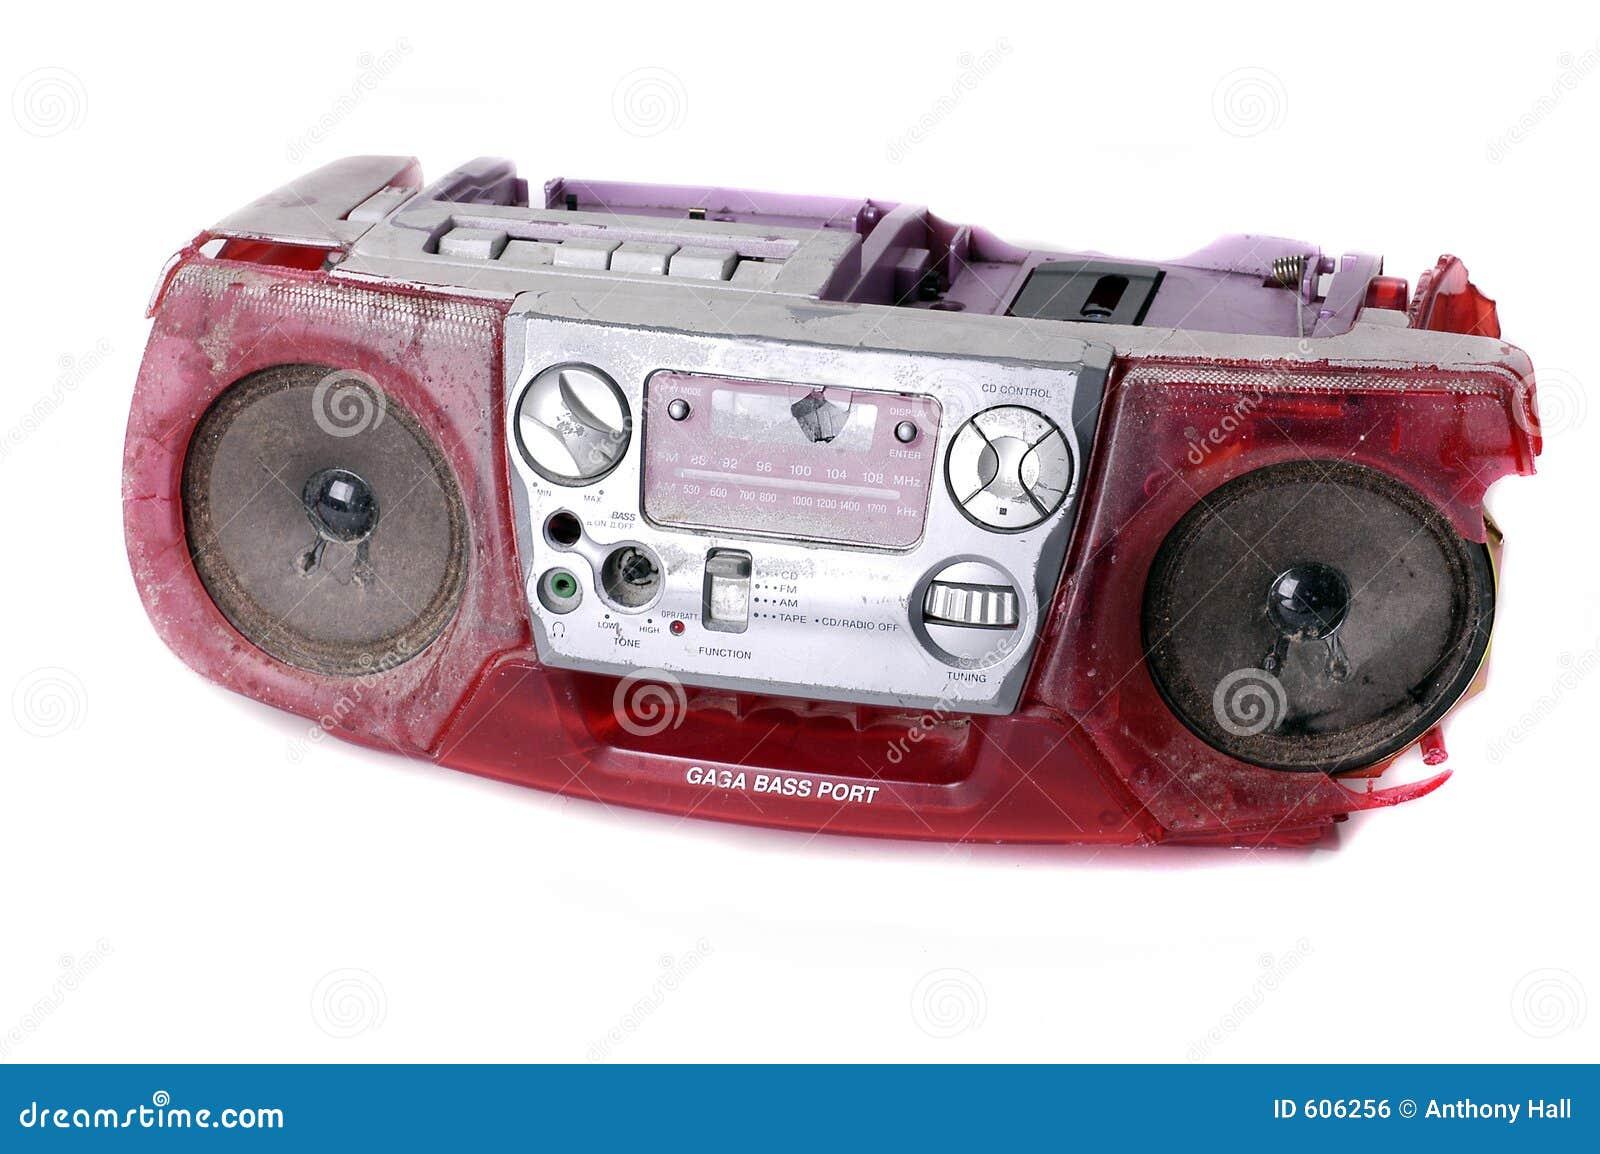 Geslagen Grunge boombox